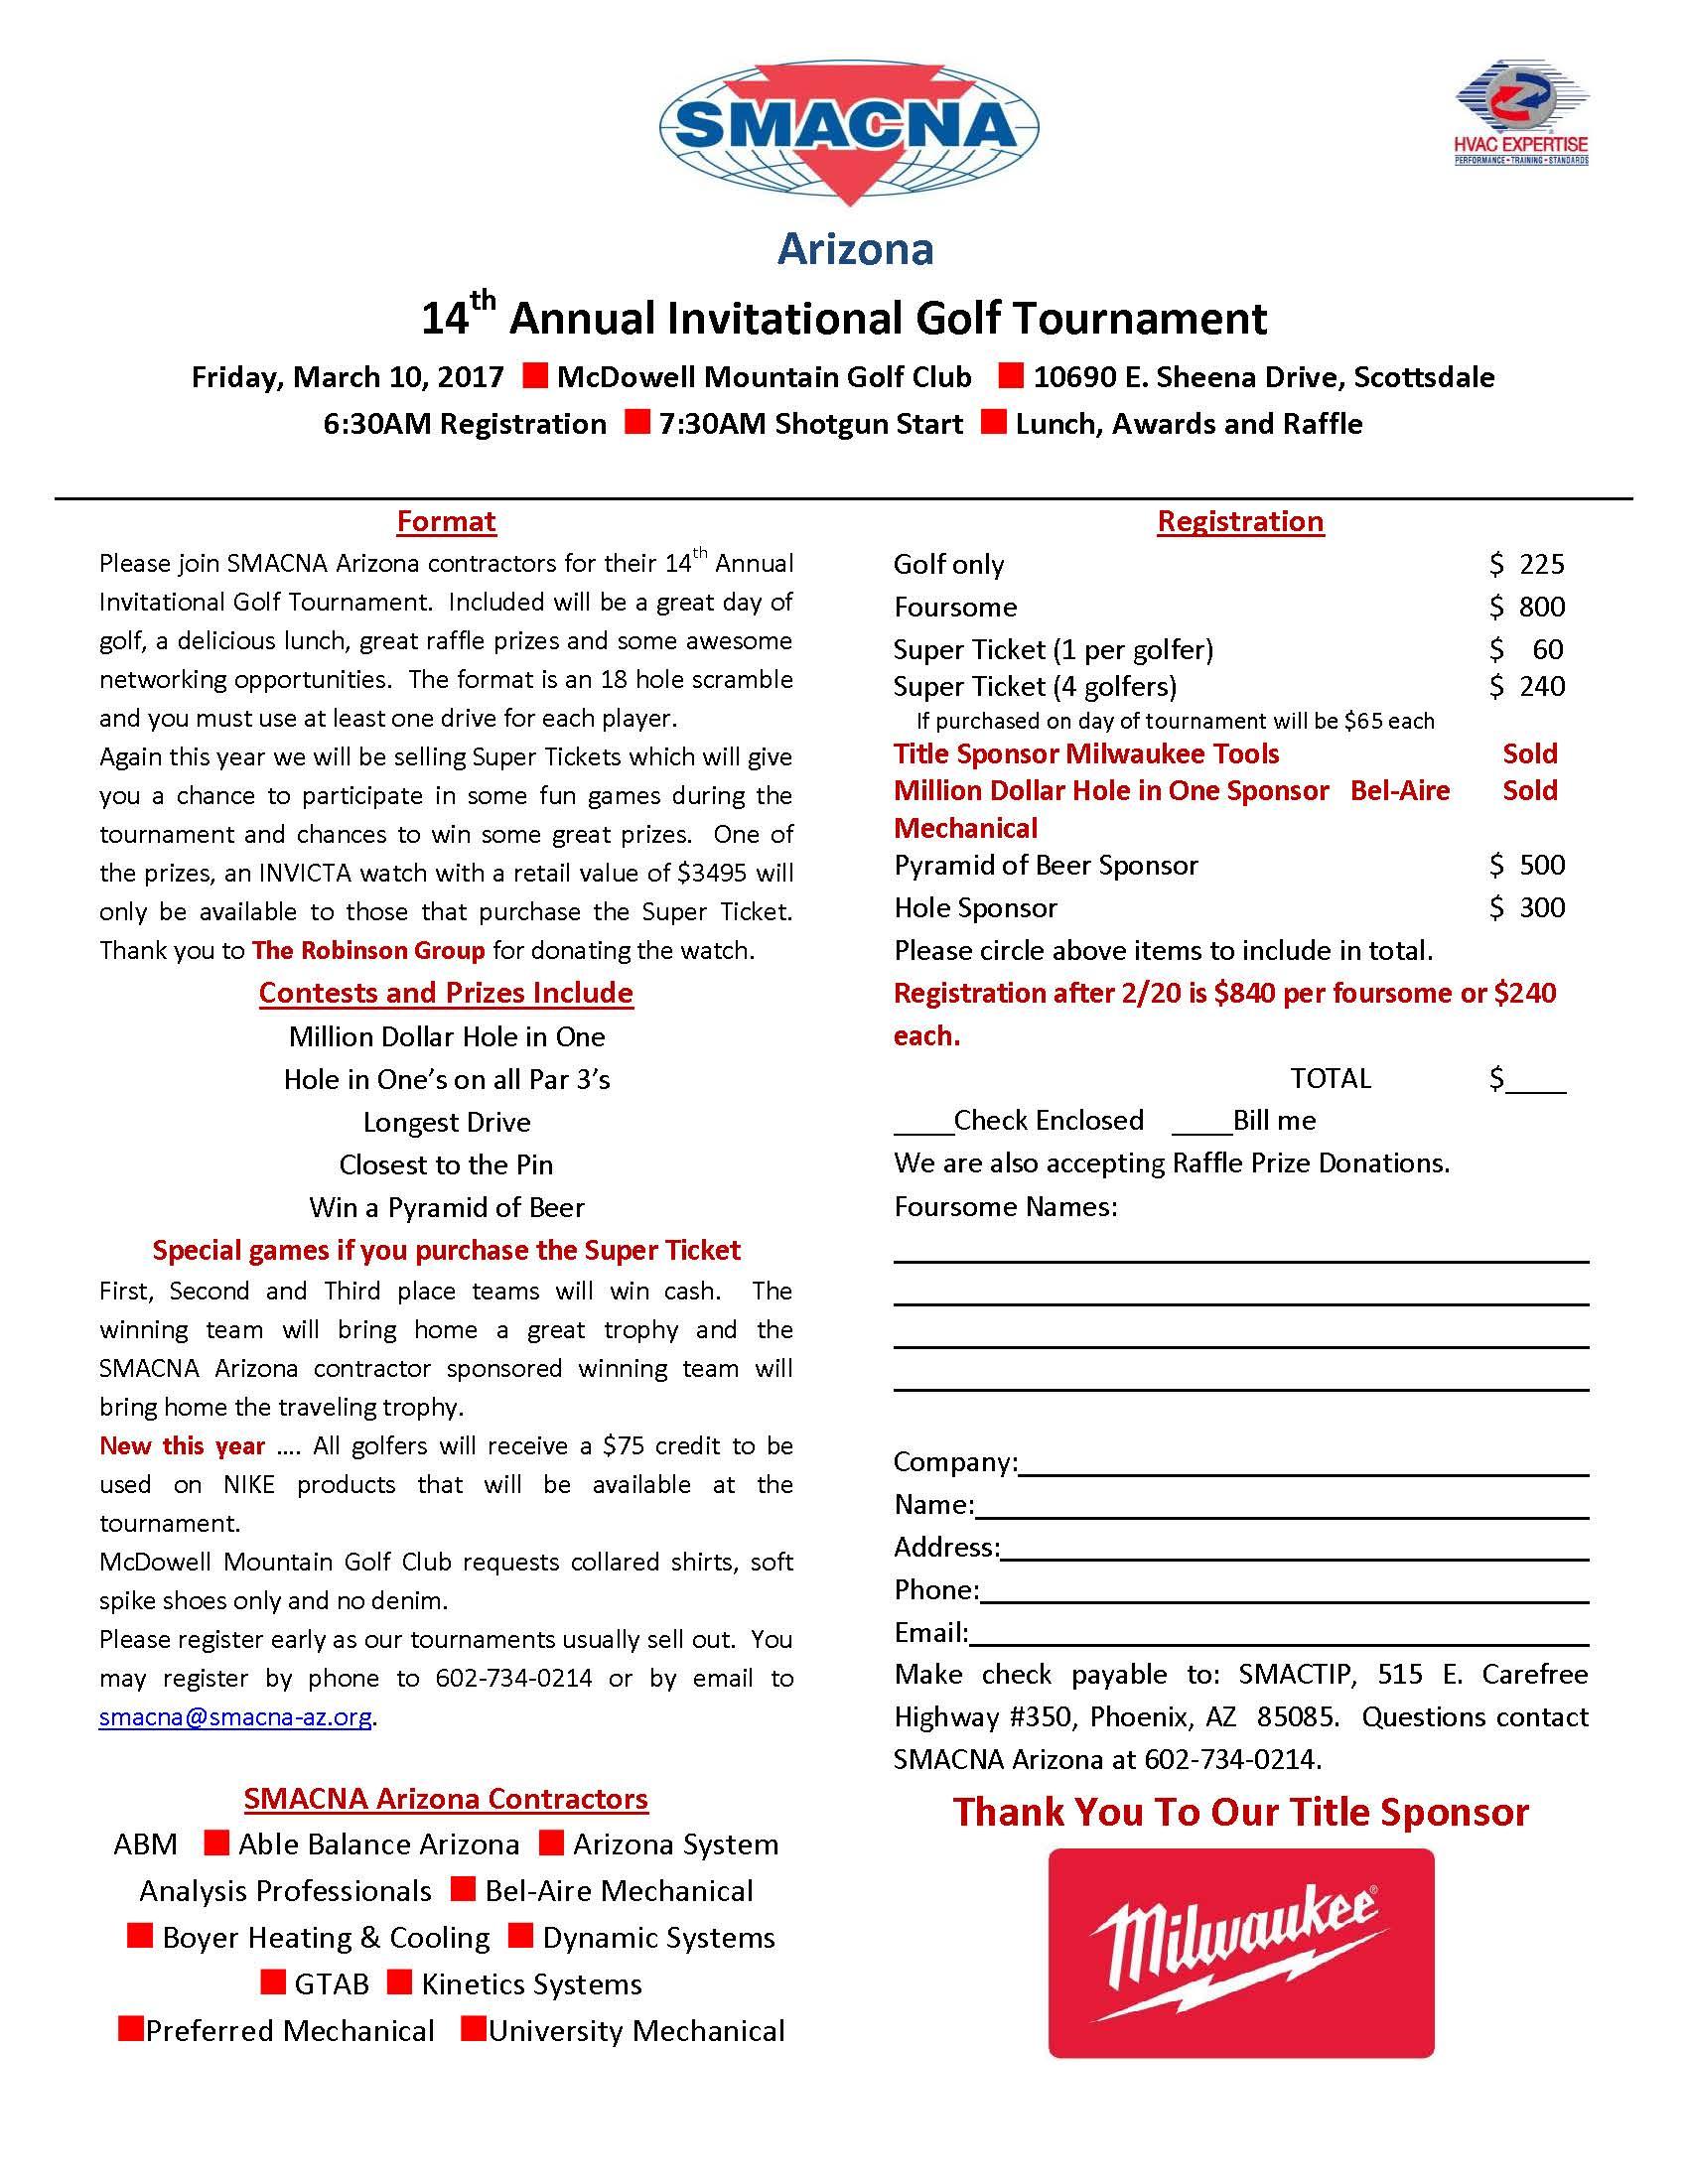 Smacna az golf tournament registration form 2017 golf tournament registration pronofoot35fo Gallery